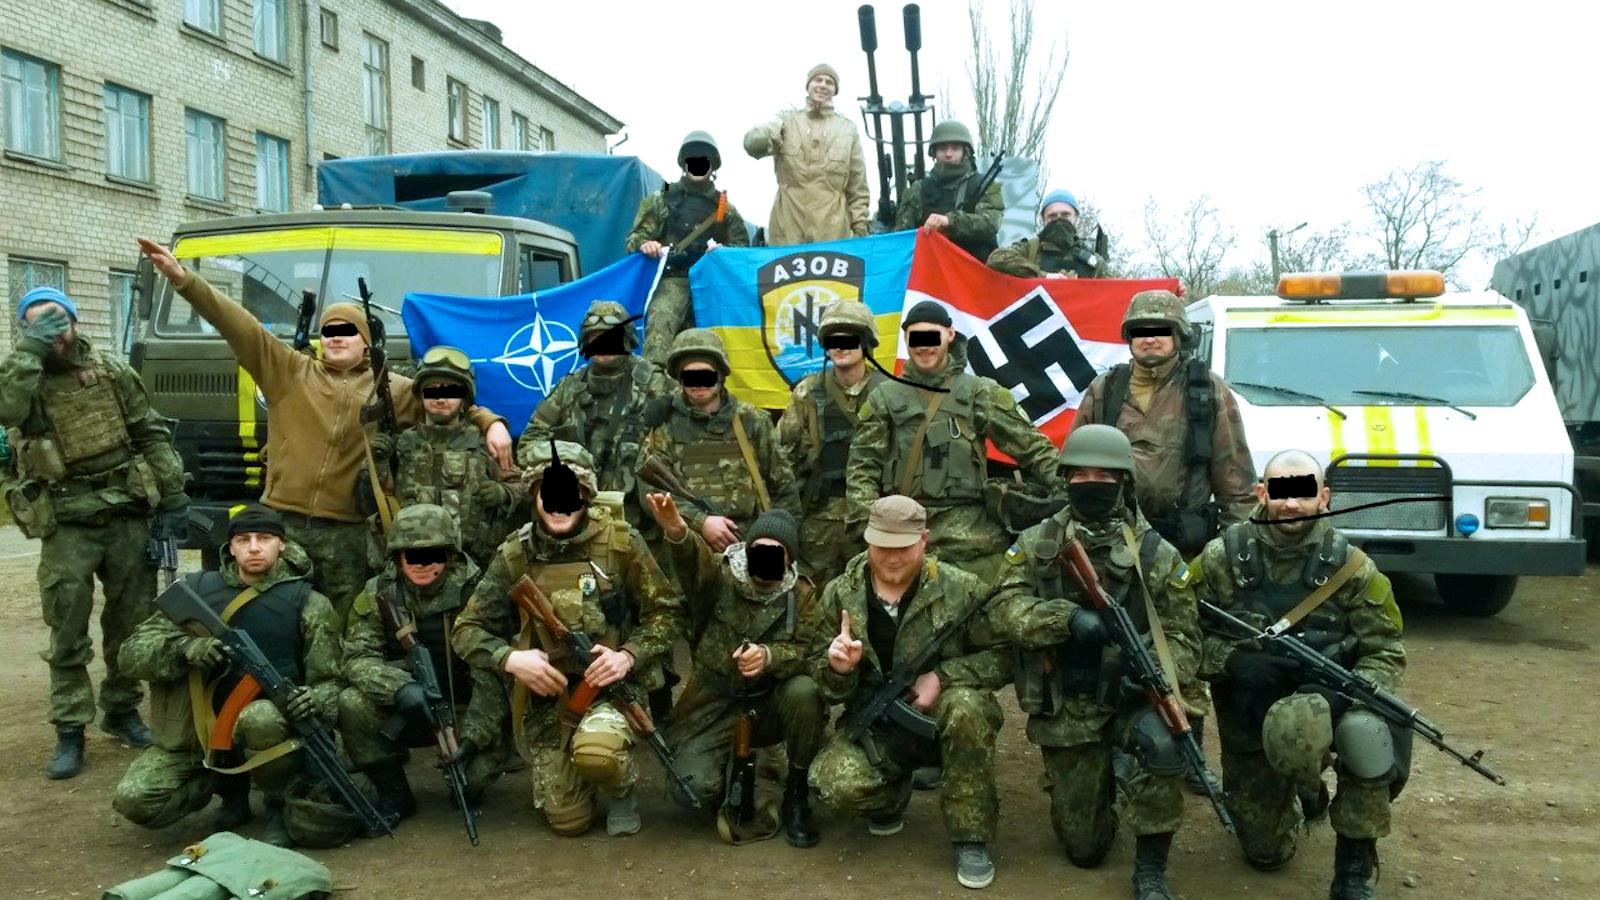 00 Uniate Azov Battalion Nazis. 22.01.15